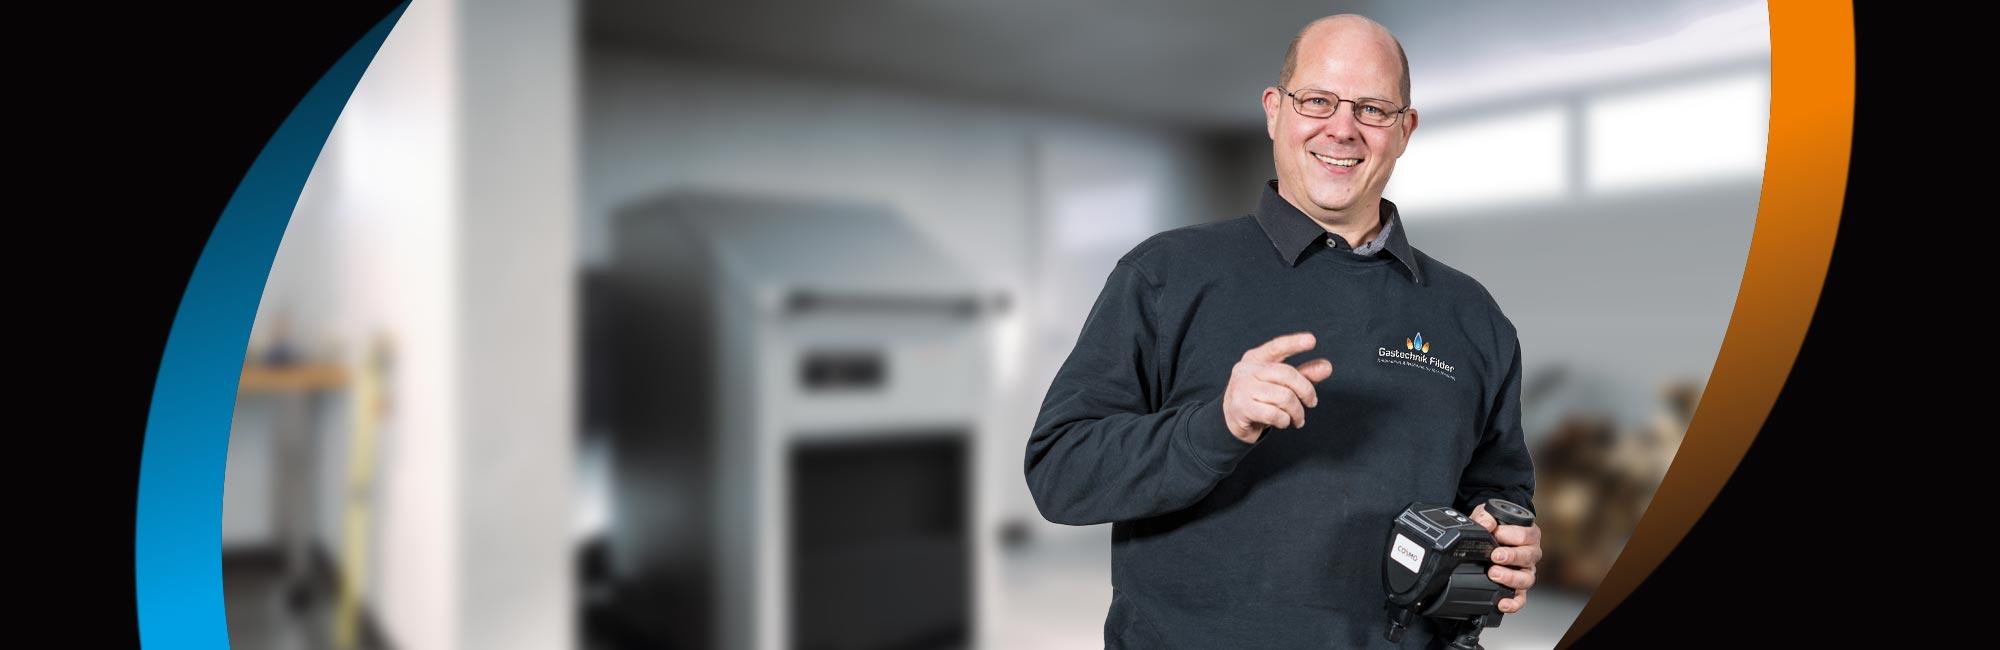 Notdienst - Gastechnik Filder Fritzsch